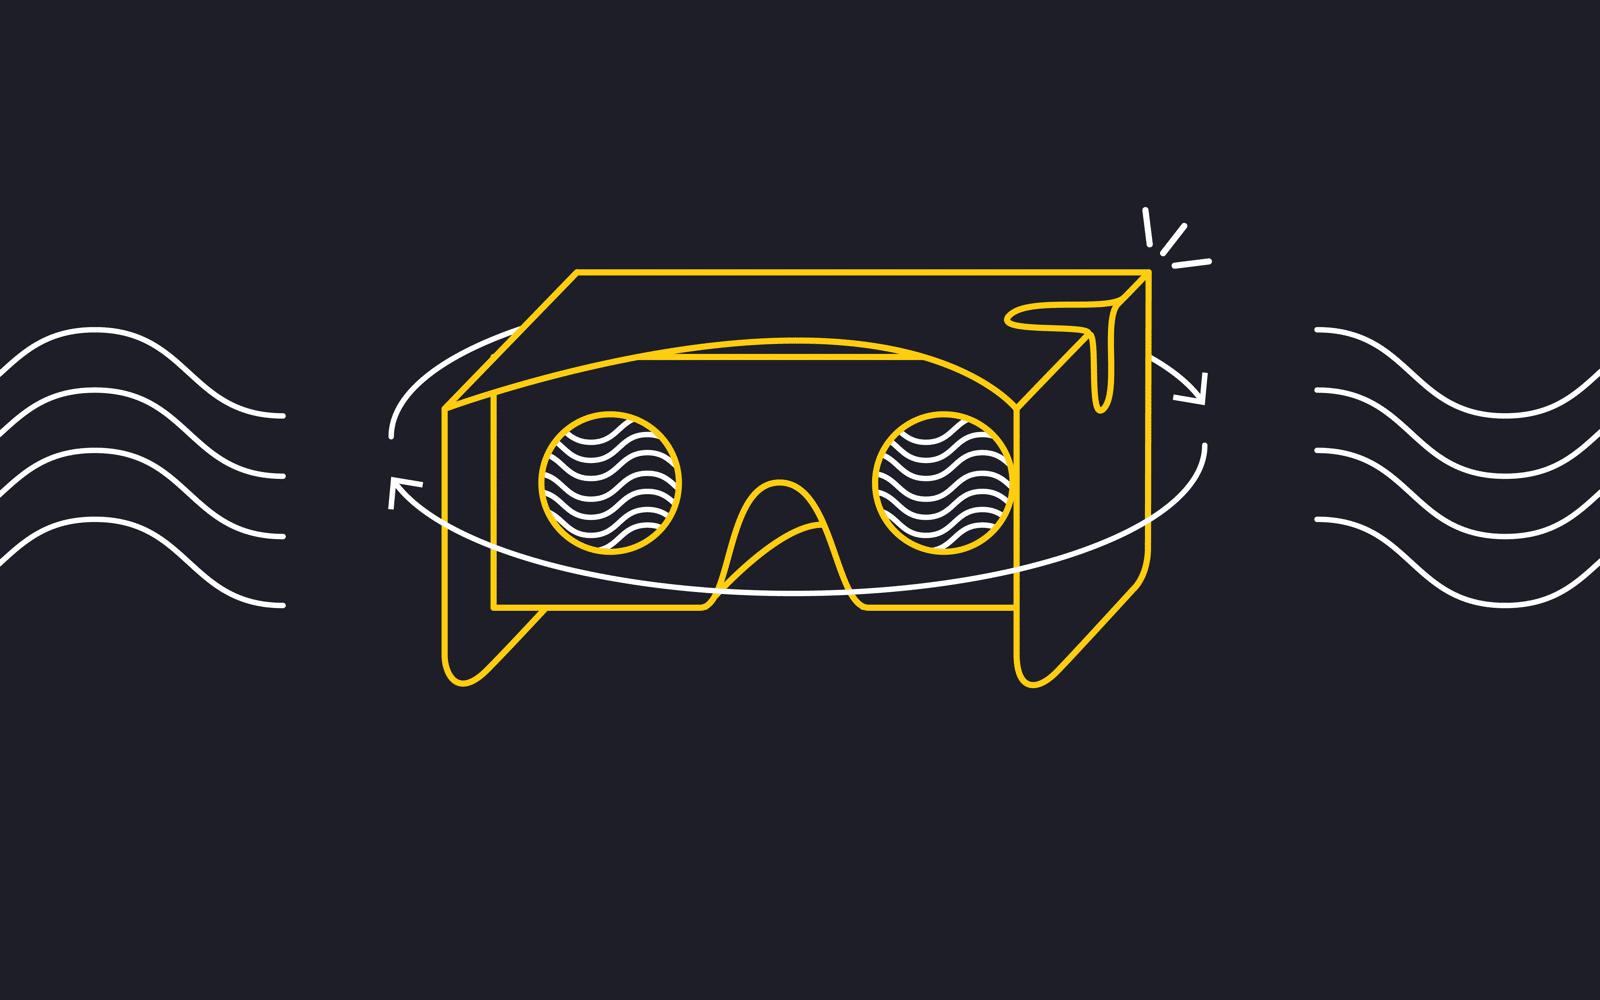 Wie gestaltet man für VR (Virtual Reality) und 360° Videos?